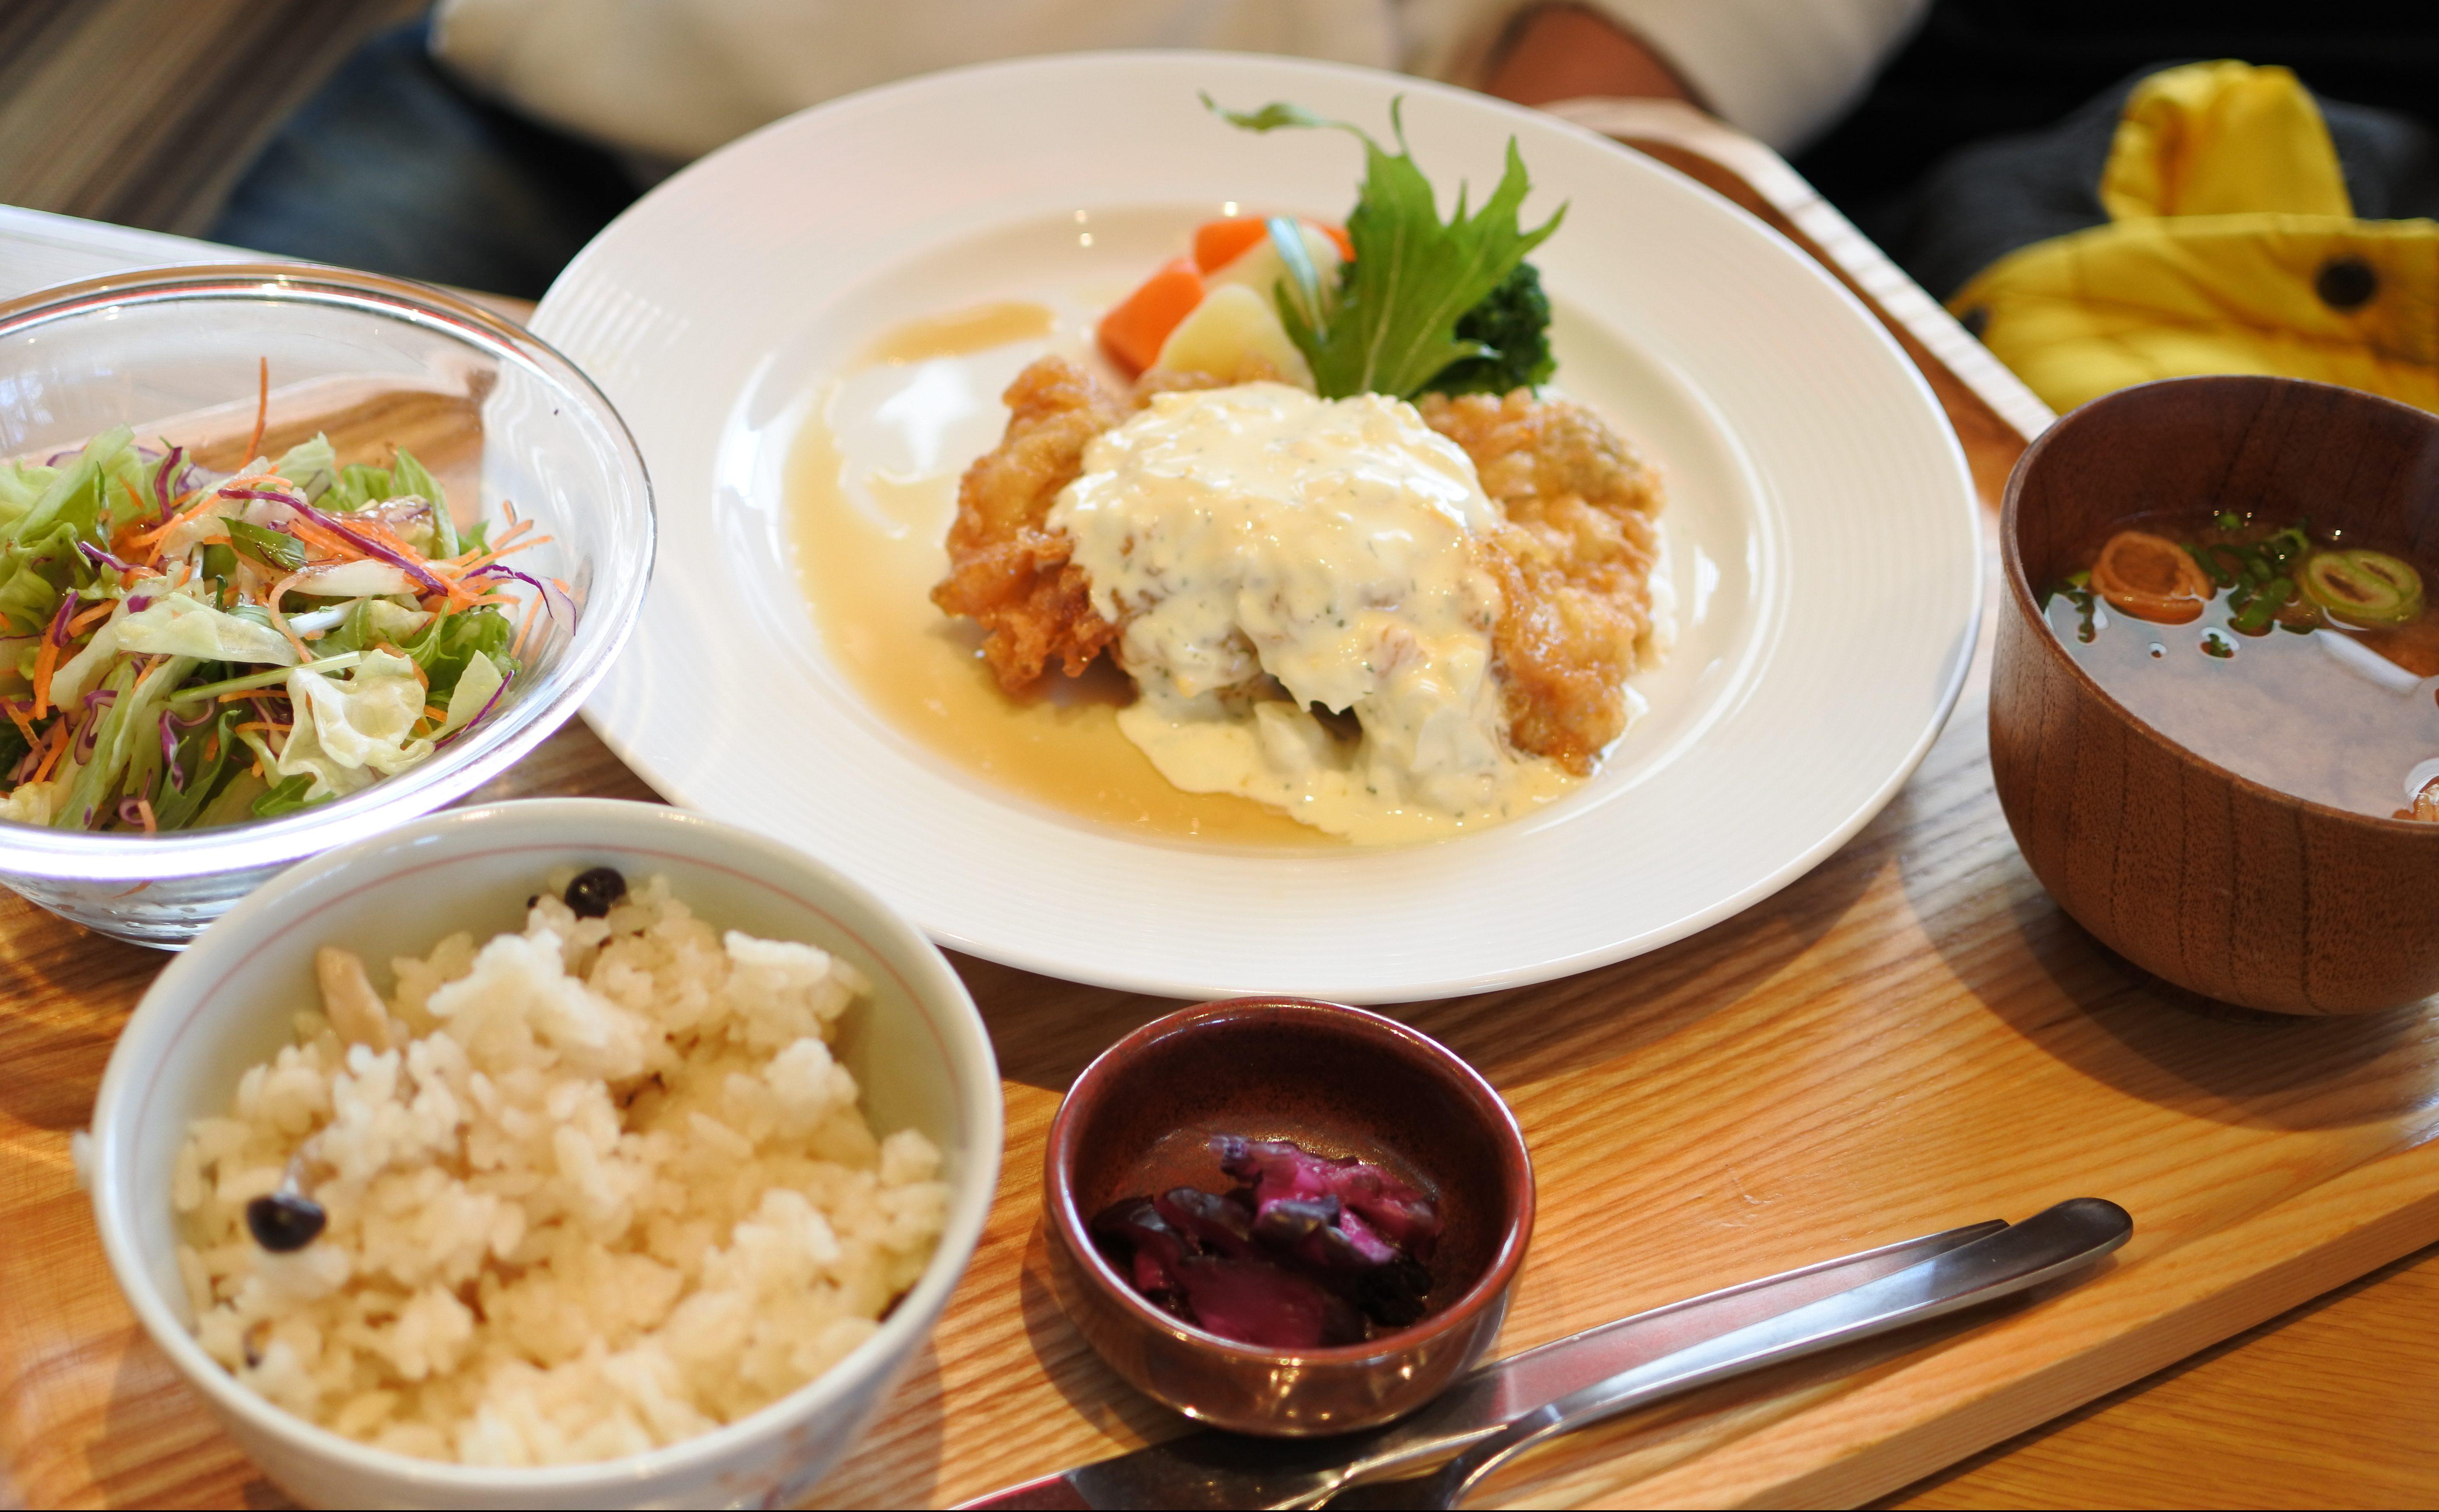 栄養バランス抜群の定食を、リーズナブルに。ごはんカフェ『お台所ふらり』 - DSC 1083 e1519571895529